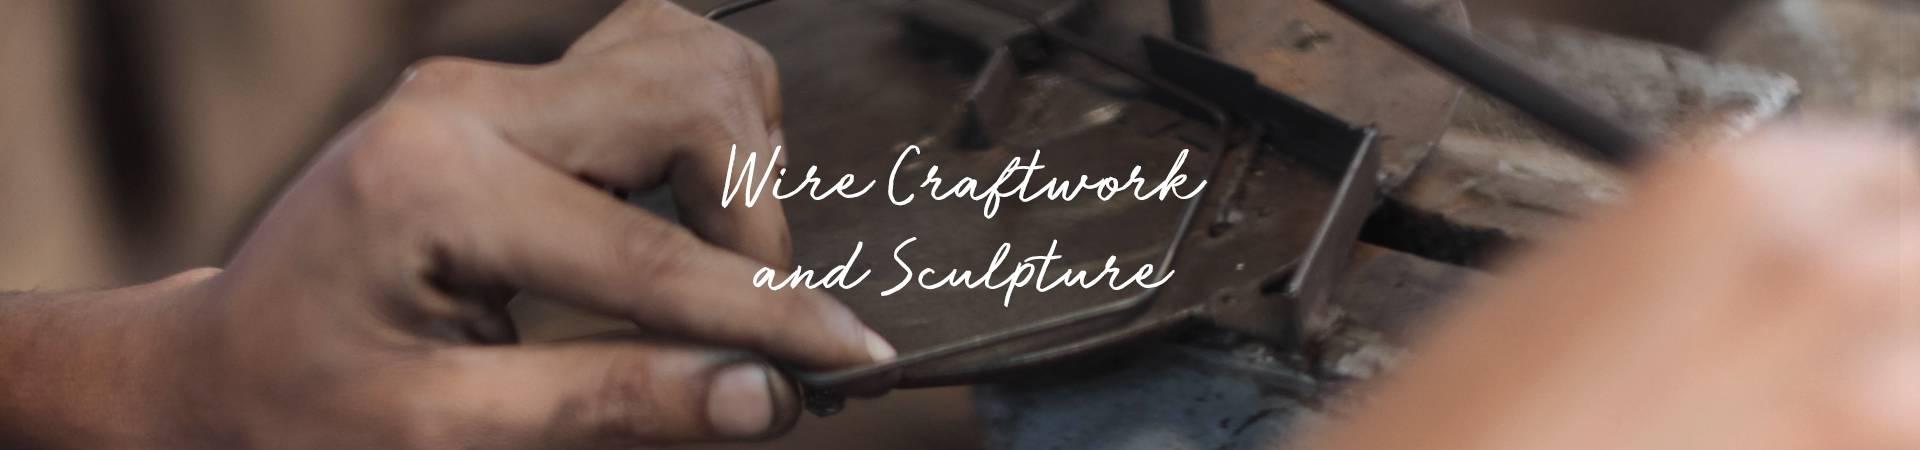 Wire Craftwork & Sculpture_Header_desktop.jpg